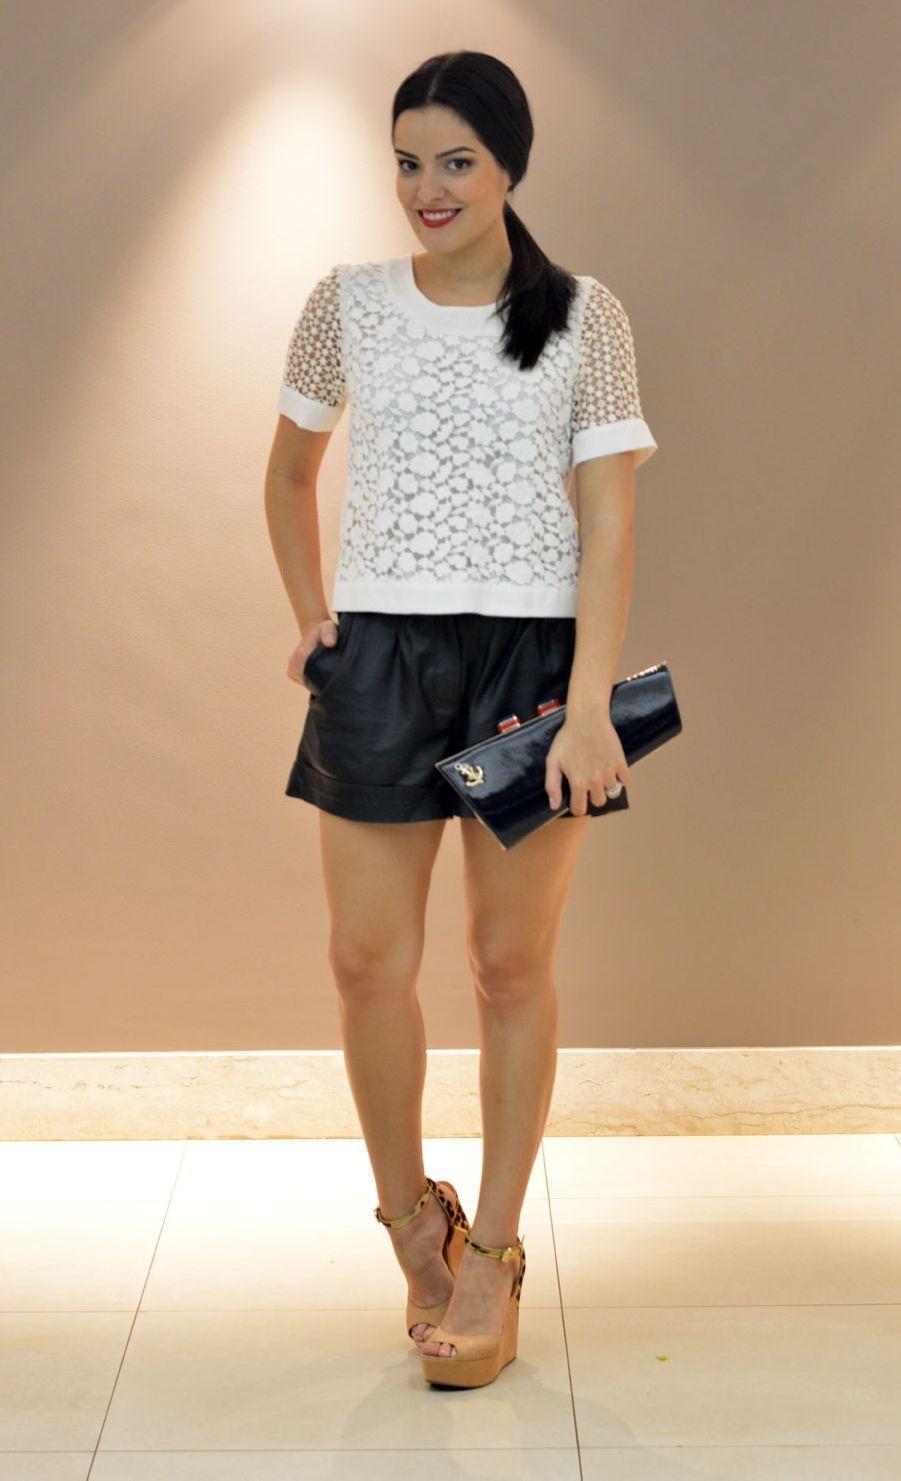 """Foto: Reprodução / <a href=""""http://www.blogdamariah.com.br/index.php/2012/11/look-do-dia-couro-navy/"""" target=""""_blank"""">Blog da Mariah</a>"""